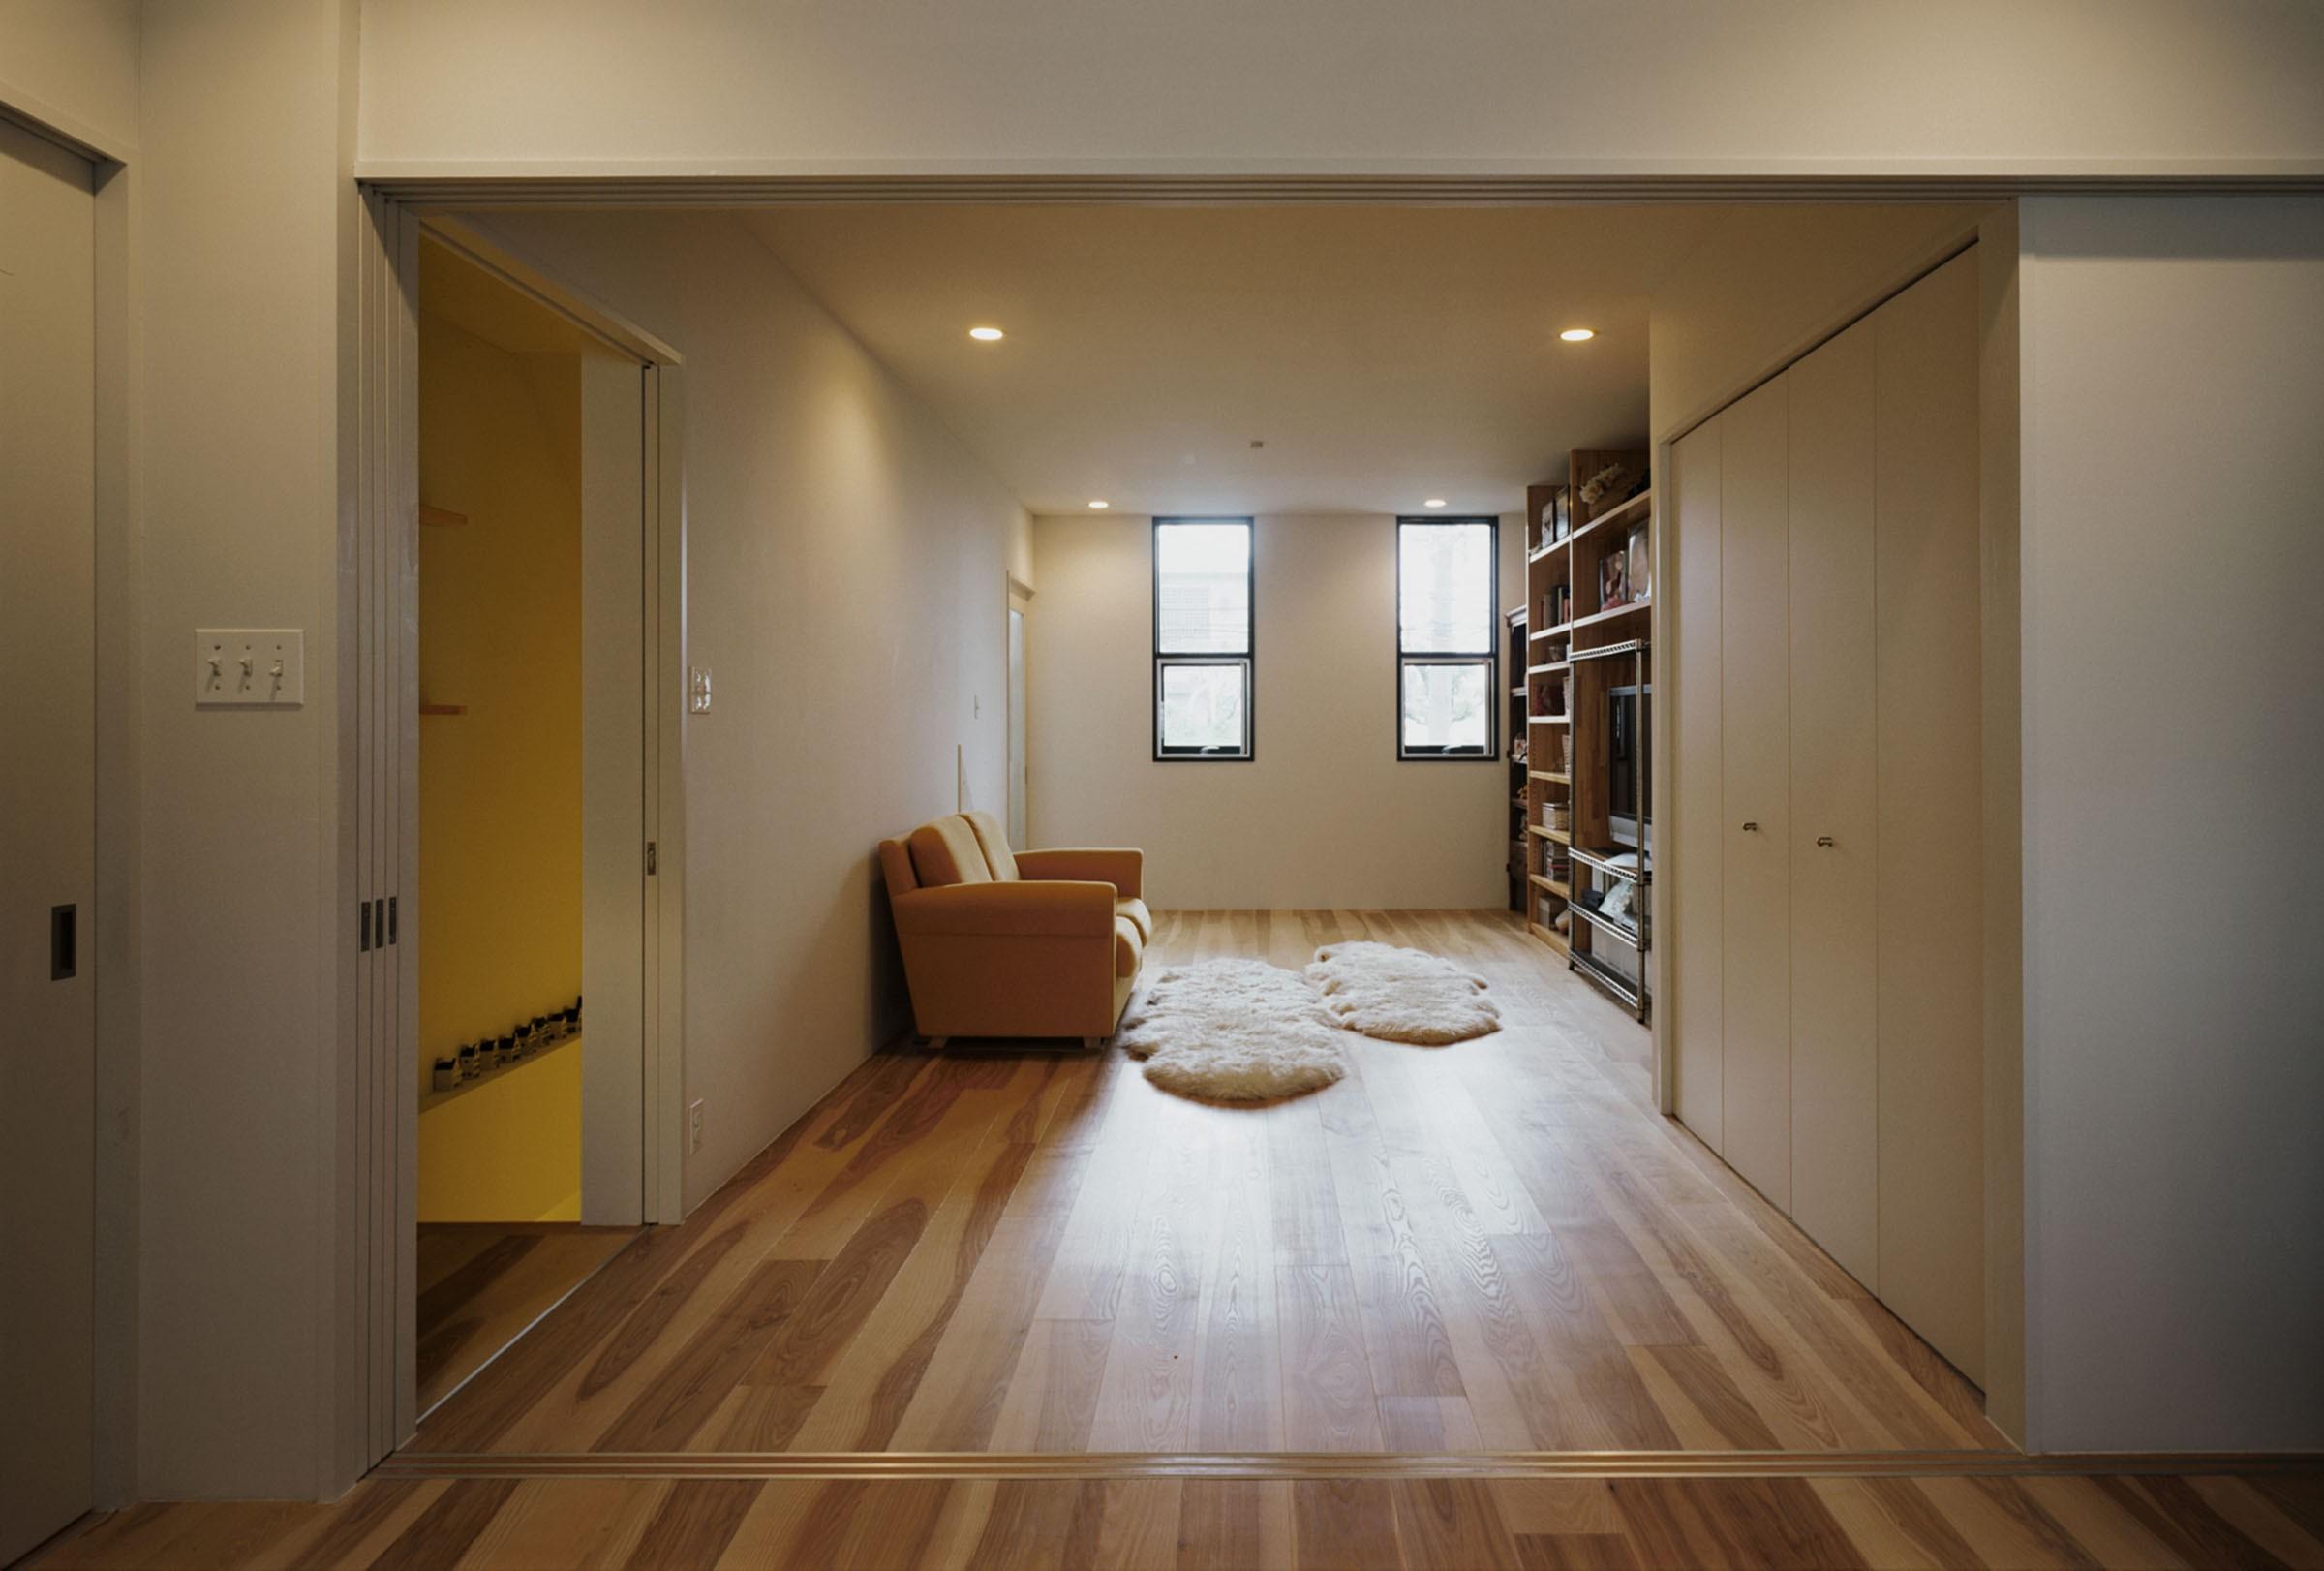 リビングダイニング事例:洋室から家の正面側をみる(サロンのある家 ー汚れても、古くなっても、可愛いおうち。オランダのアパートメントのような家ー)